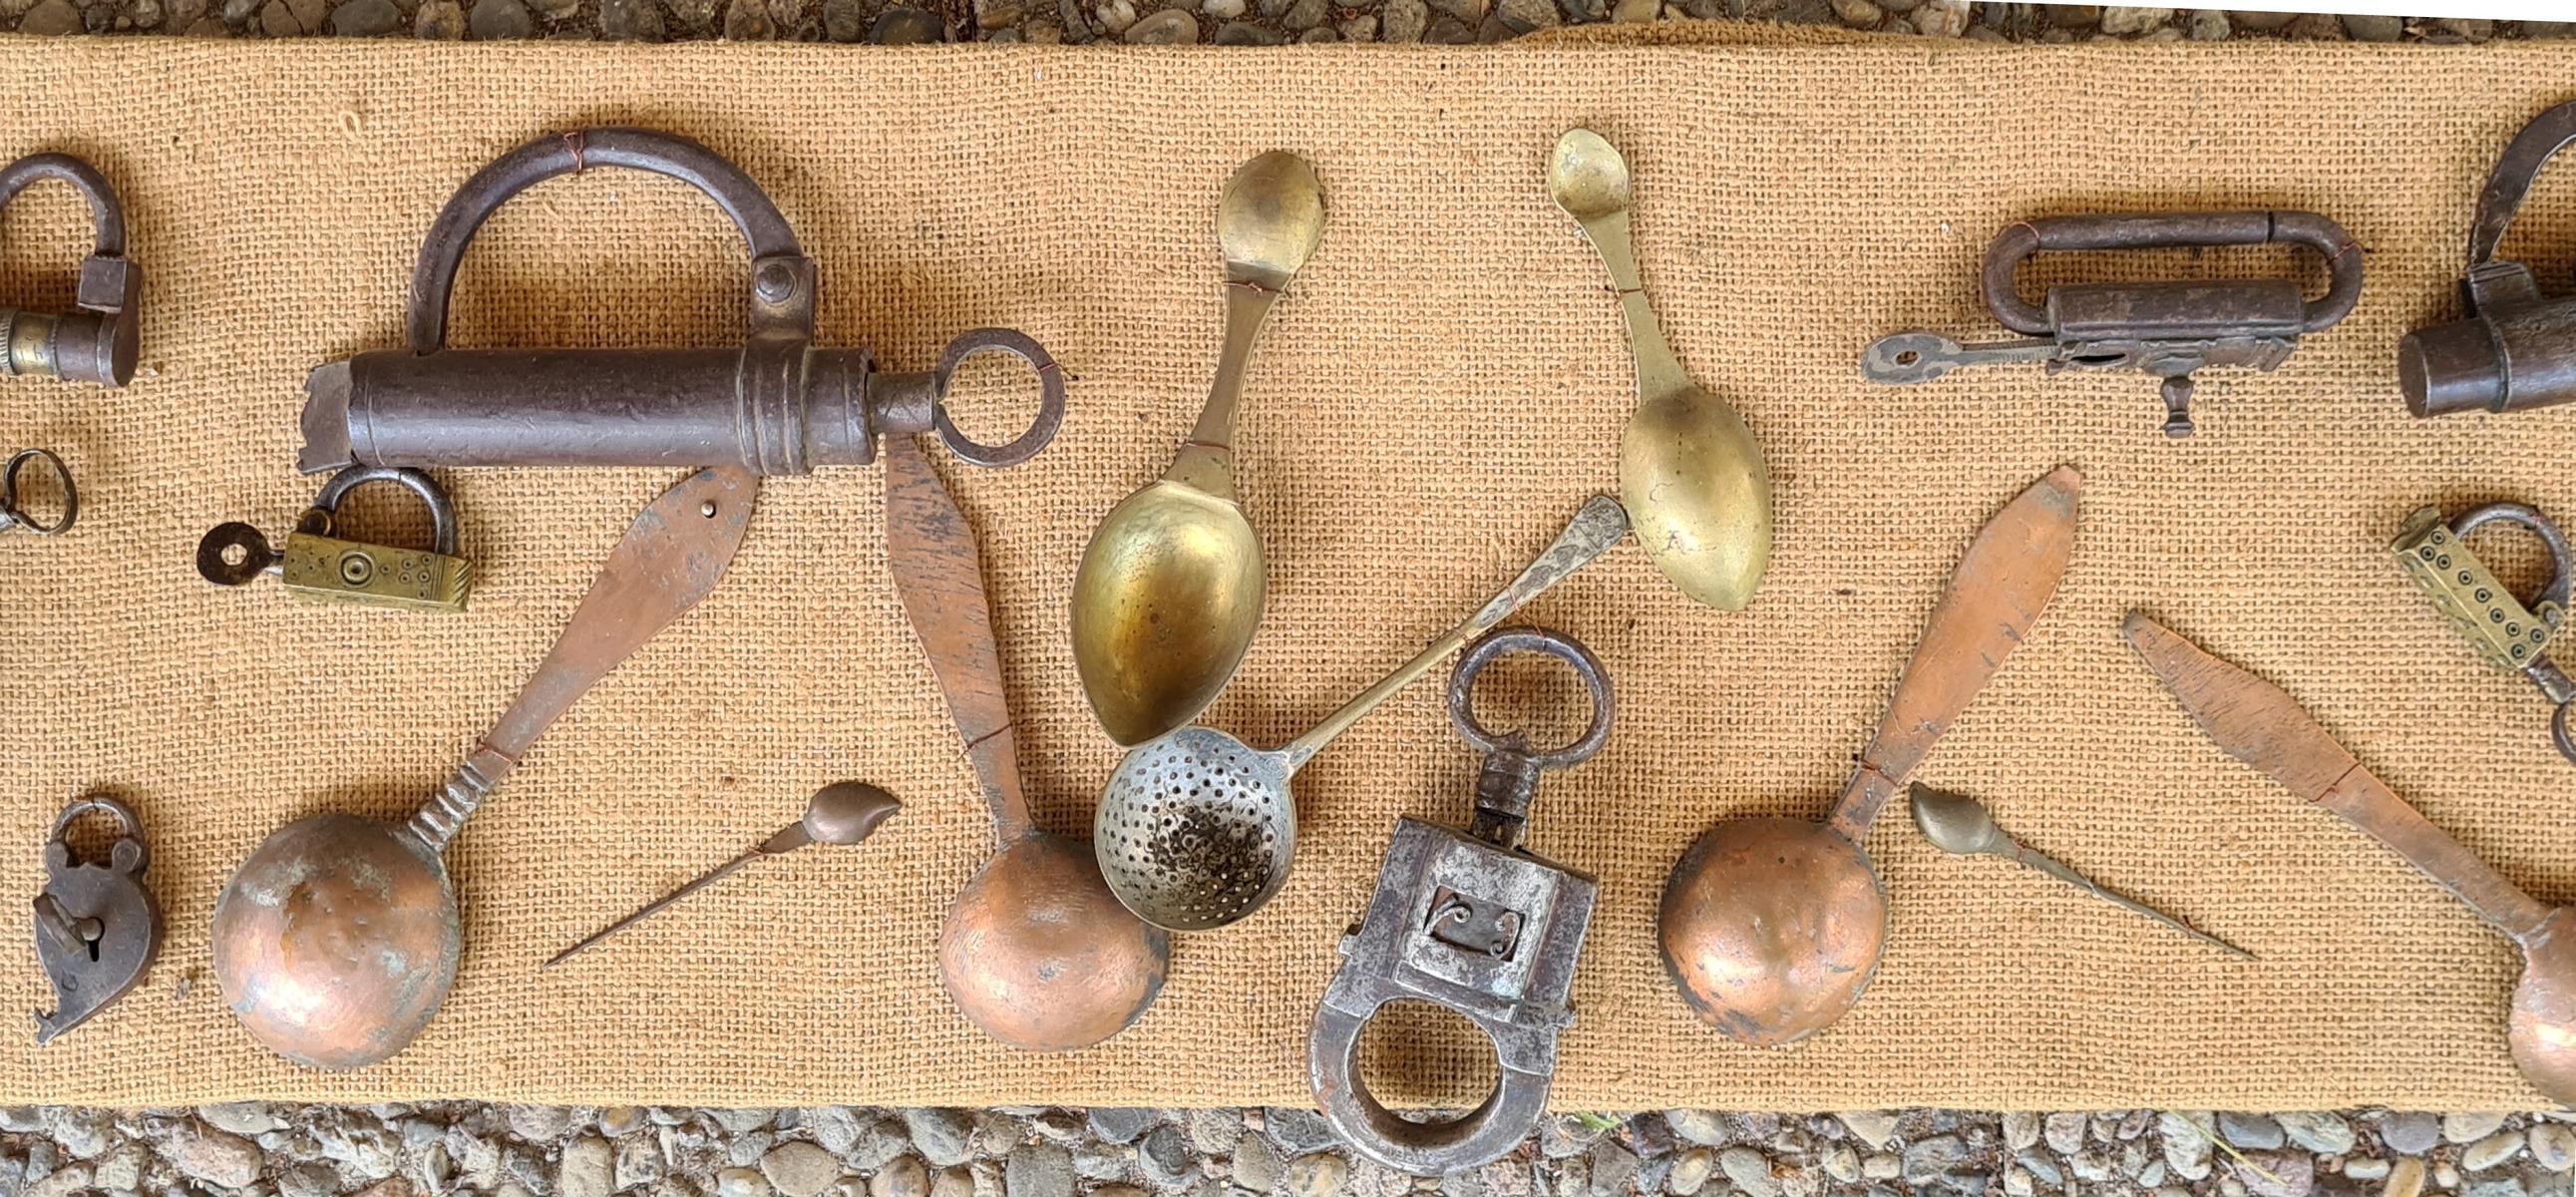 Sammlung Vorhängeschlössern mit Schlüssel, Löffel und Scheren, 18./19. Jahrhundert-3